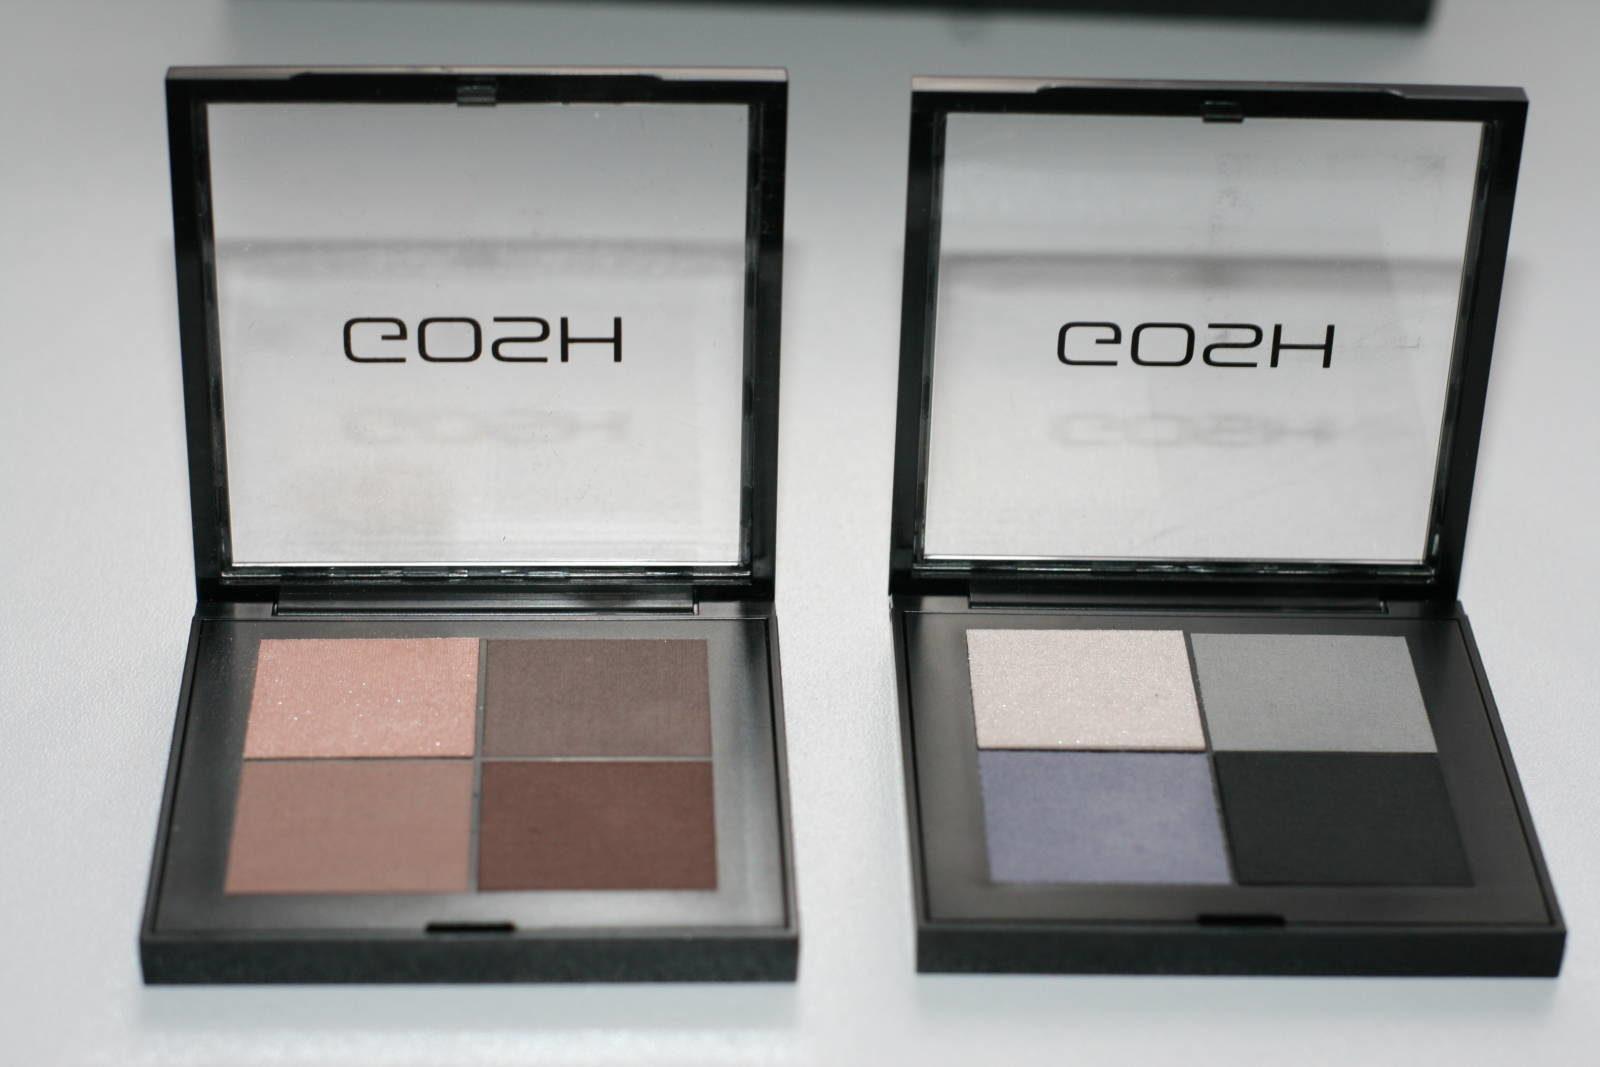 GOSH Eye Xpression Palettes